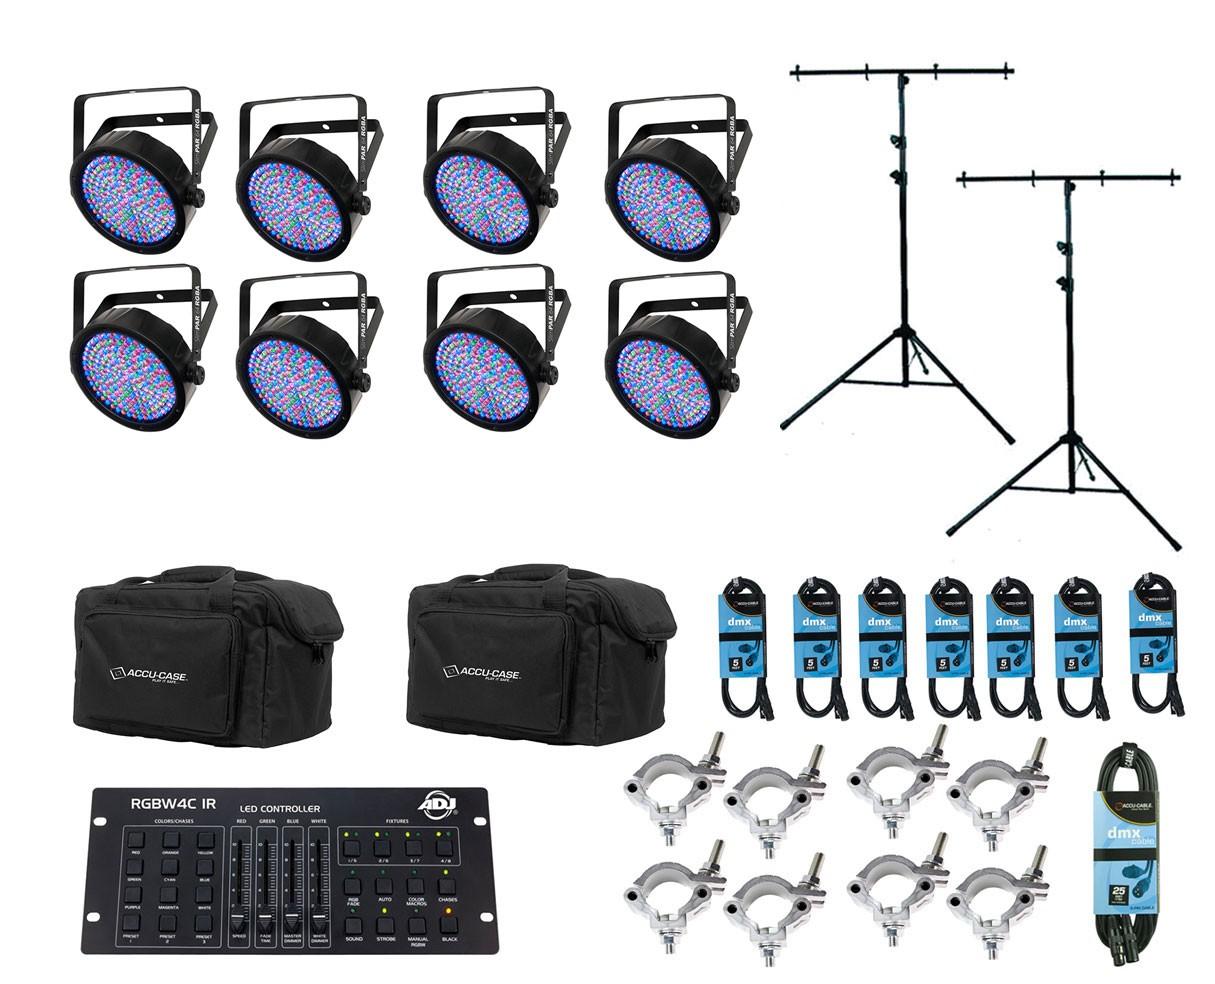 8x Chauvet SlimPAR 64 RGBA + Controller + Bags + Clamps + Cables + Stands